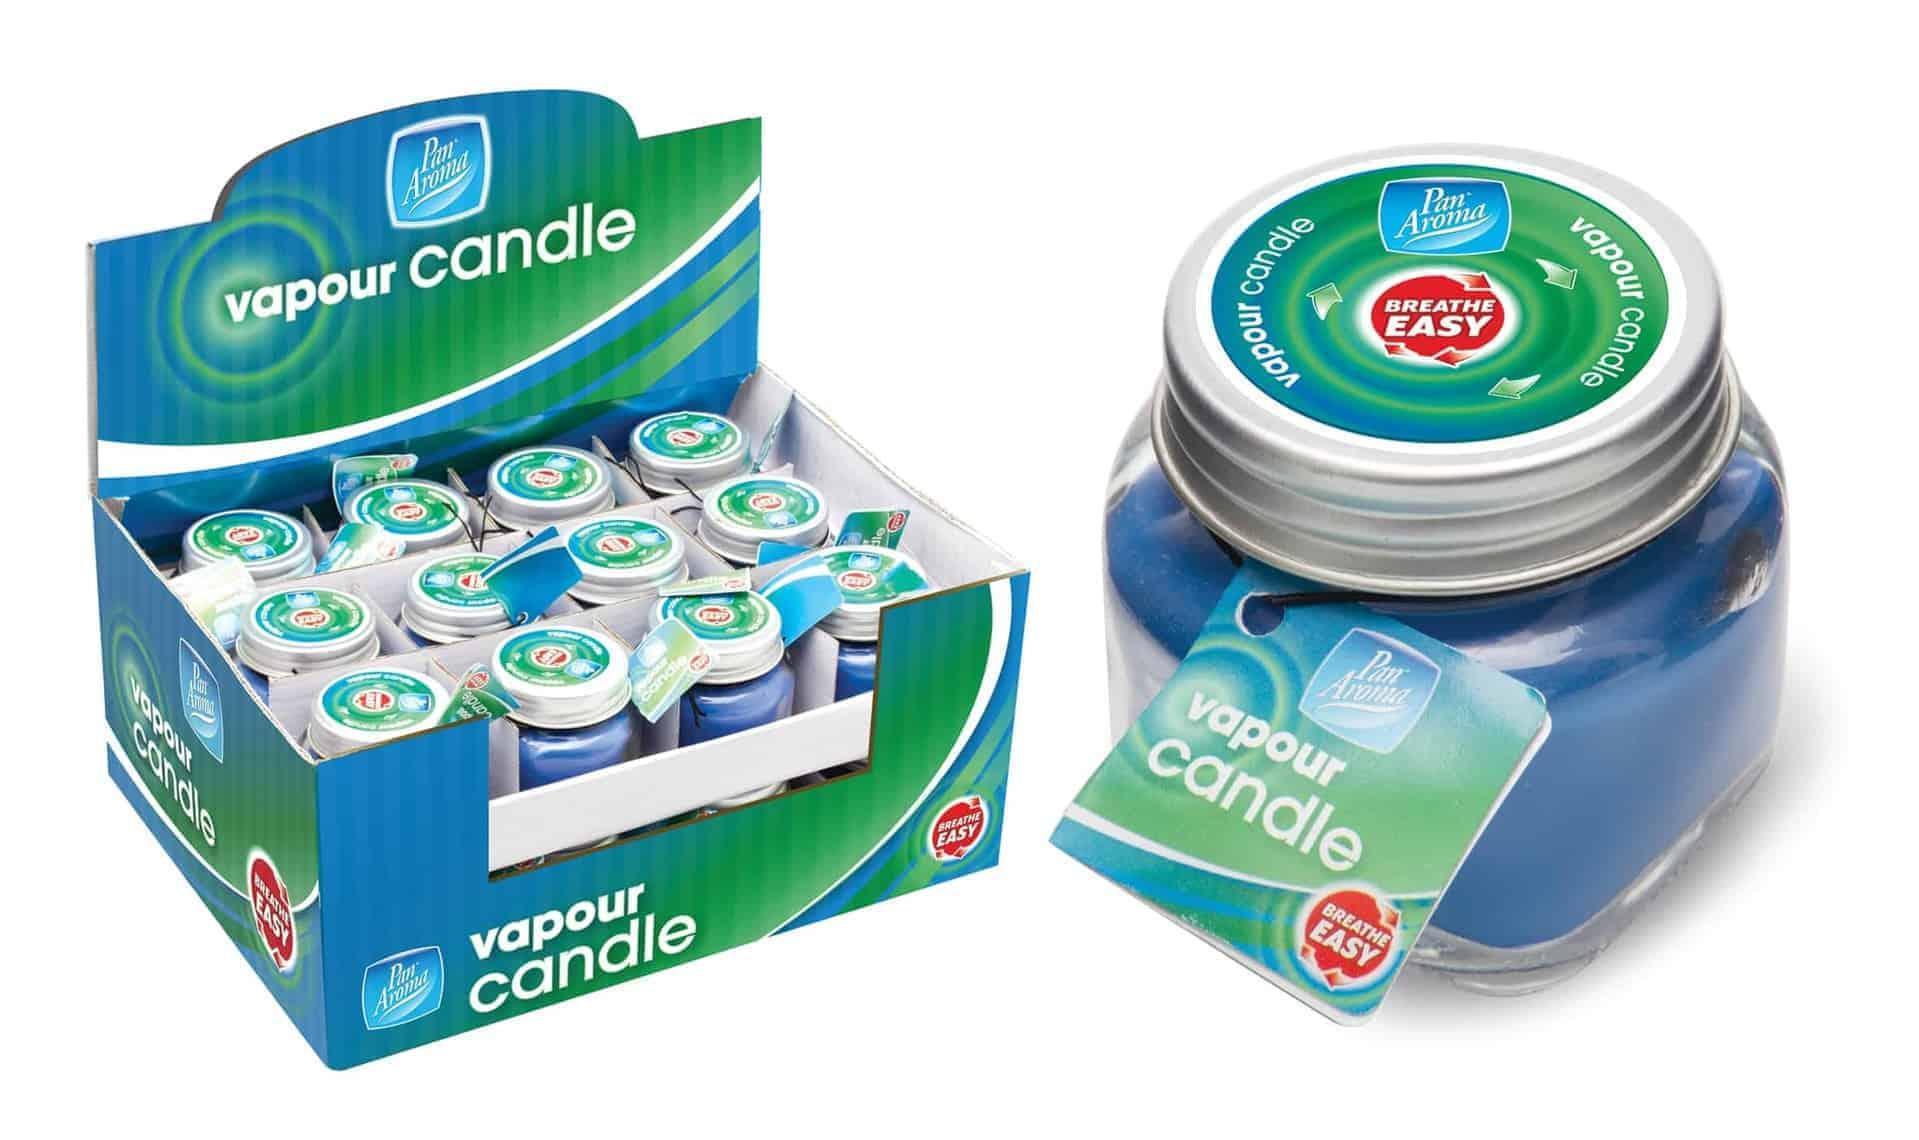 Pan Aroma Mini Jar Vapourising Candle